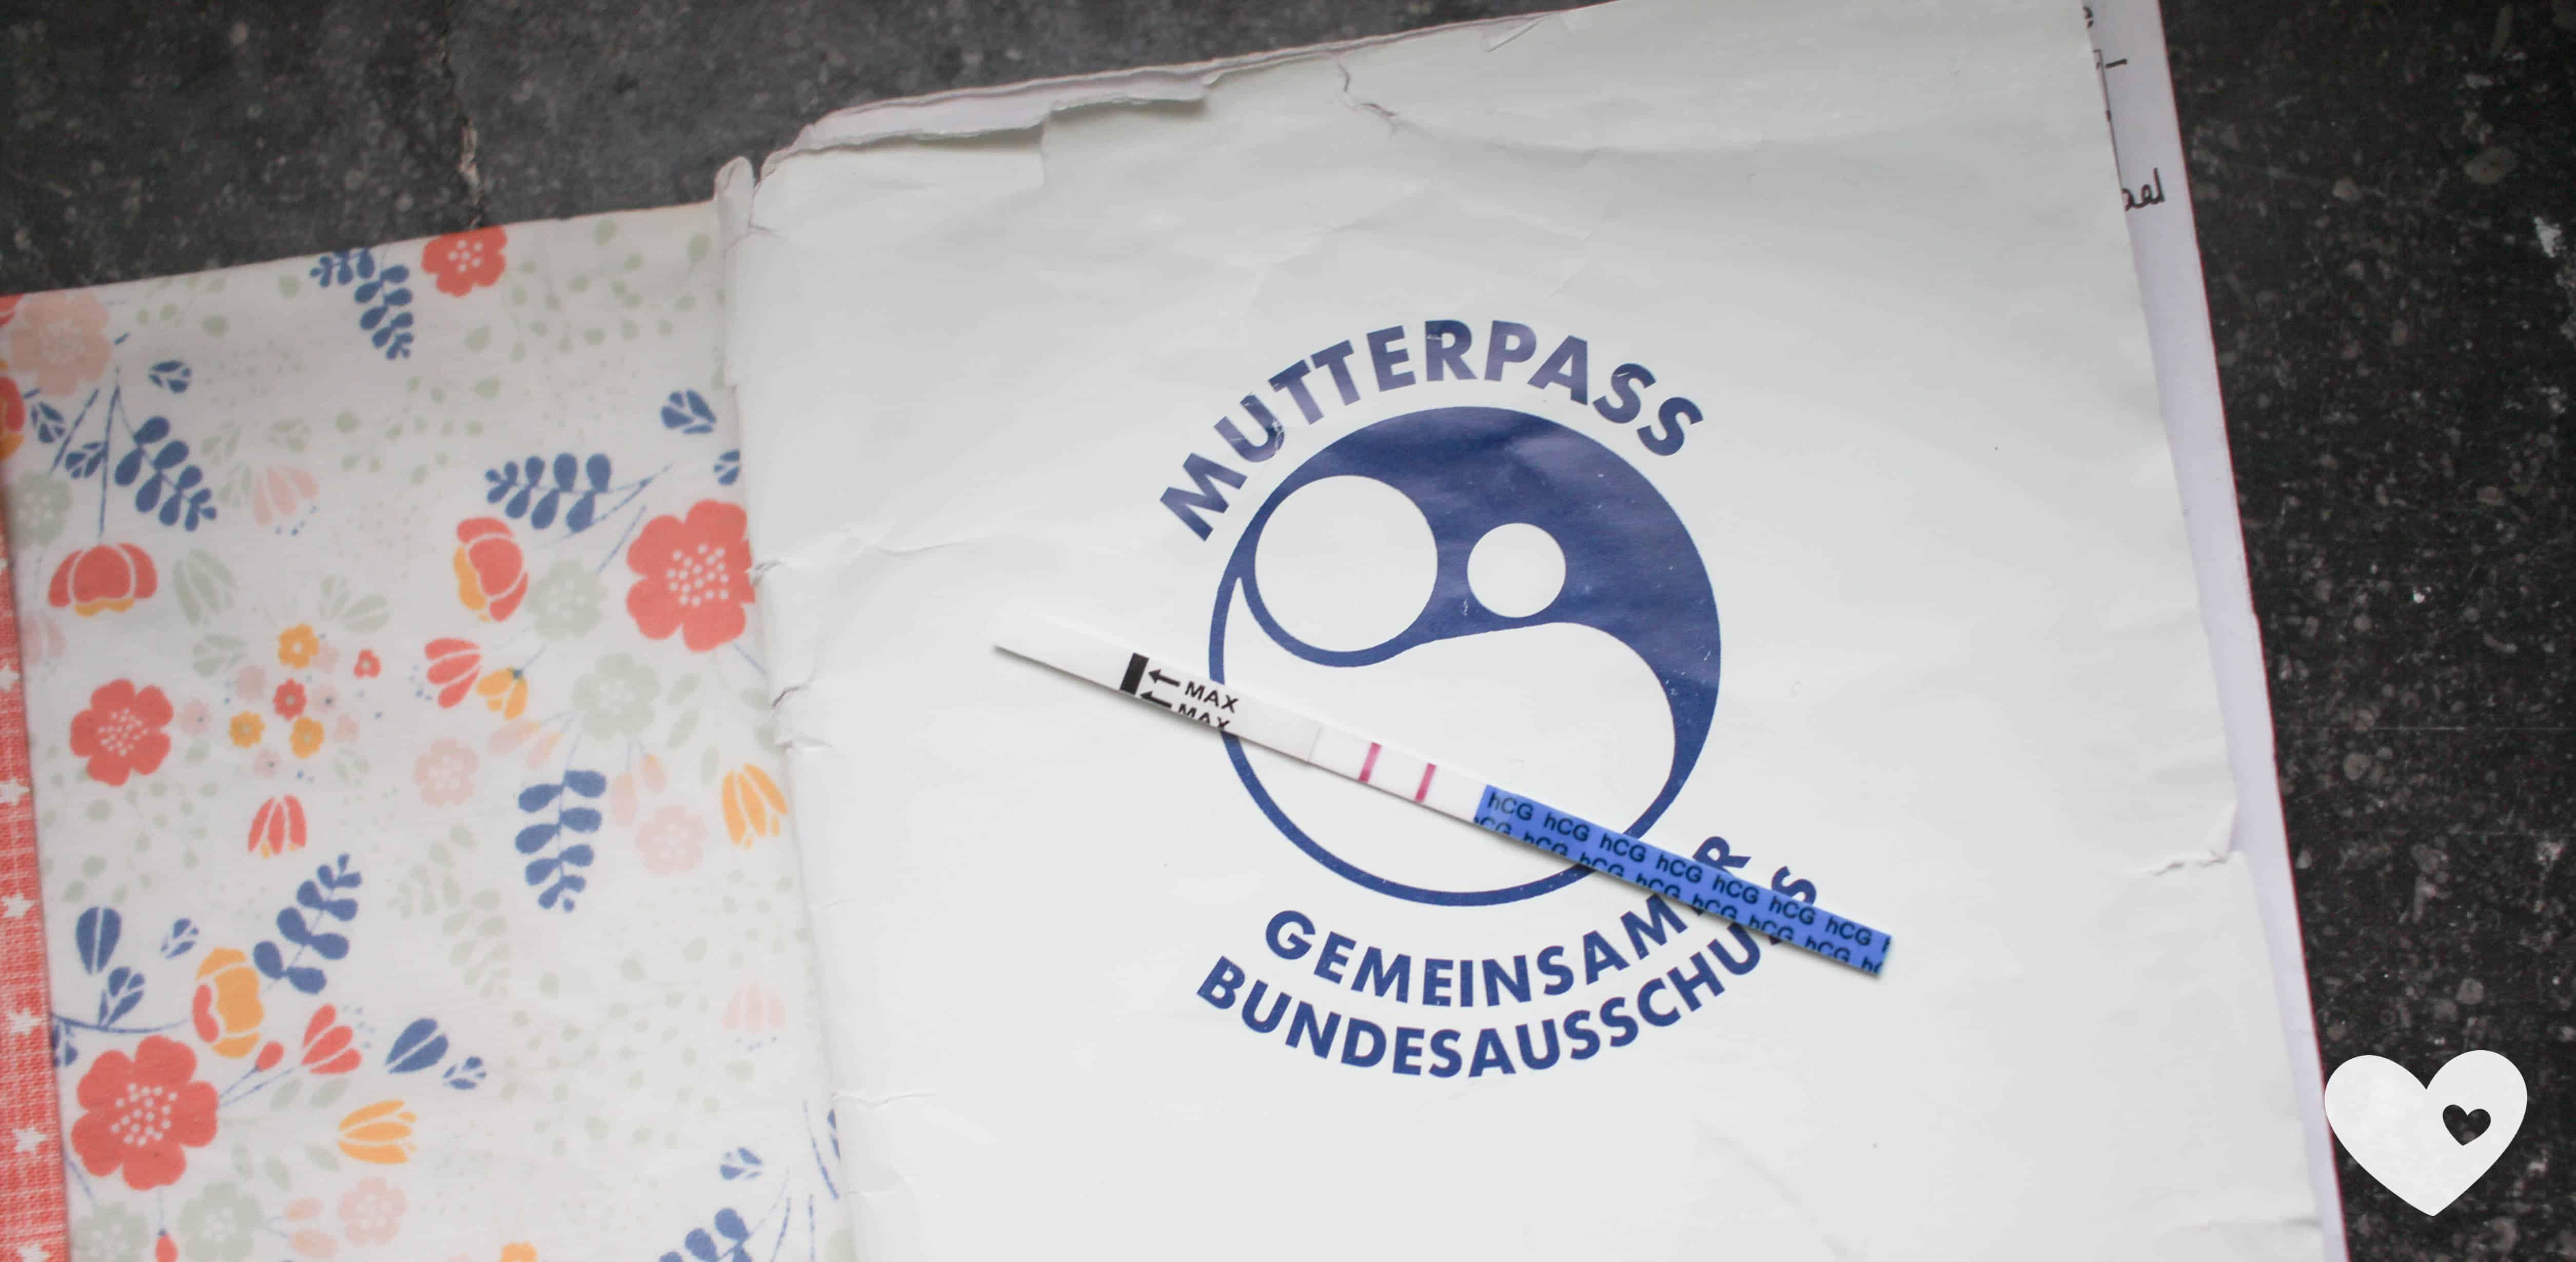 todo-liste für die Schwangerschaft erstes Trimester | Mamas Sachen